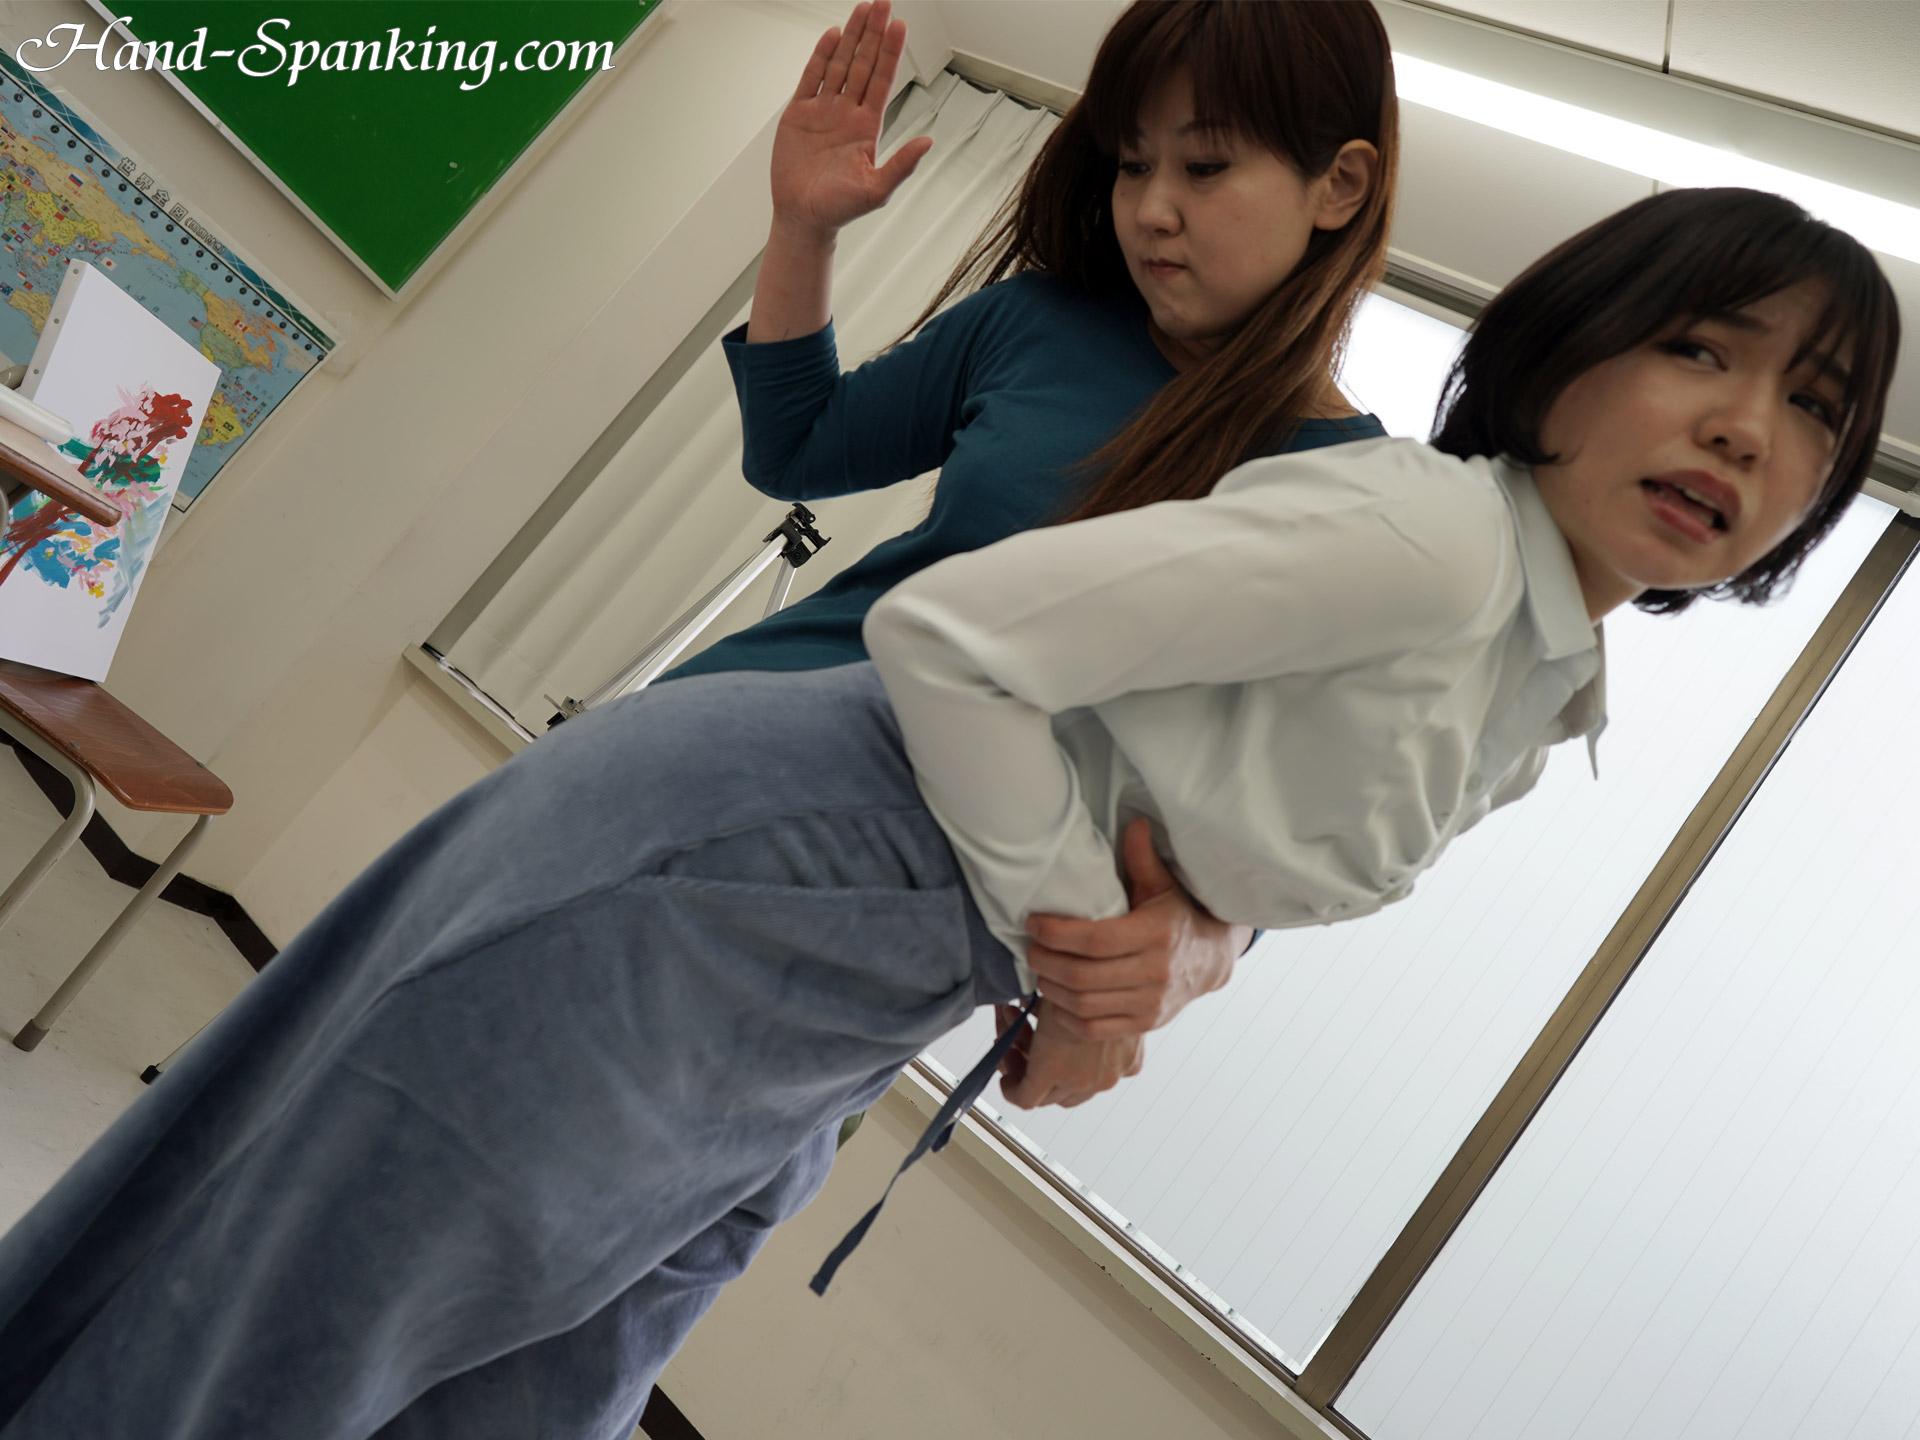 Girls-Spanked-@-Sound-Punishment Spanking Photos